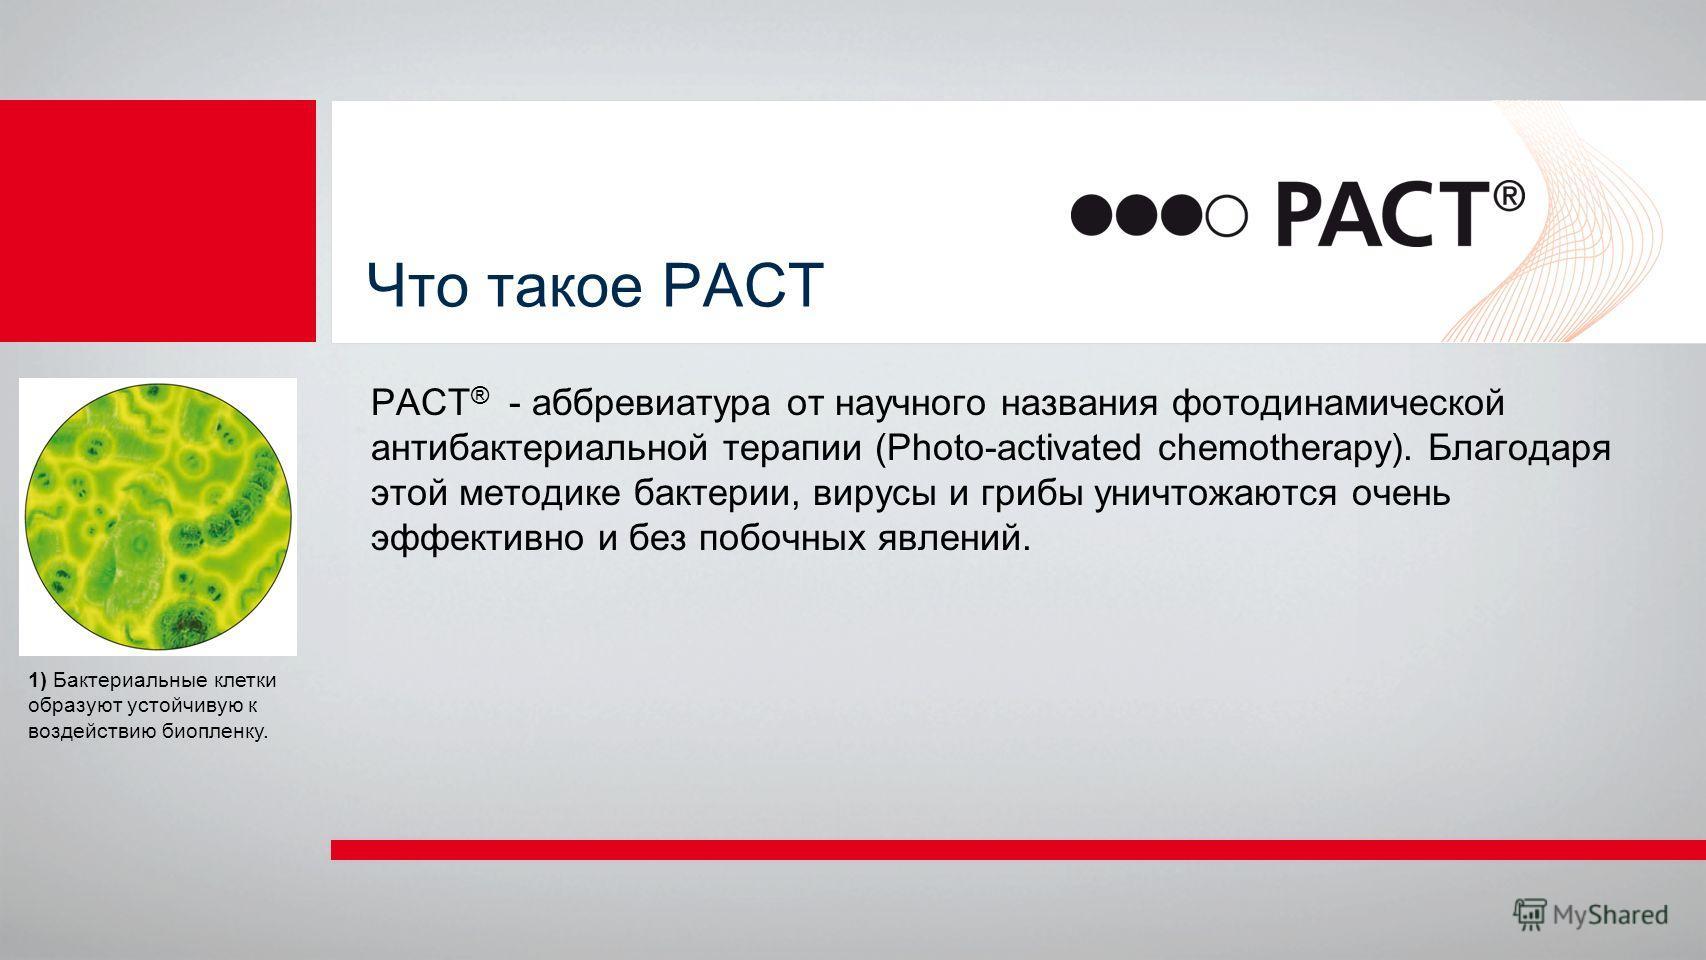 Что такое РАСТ PACT ® - аббревиатура от научного названия фотодинамической антибактериальной терапии (Photo-activated chemotherapy). Благодаря этой методике бактерии, вирусы и грибы уничтожаются очень эффективно и без побочных явлений. 1) Бактериальн